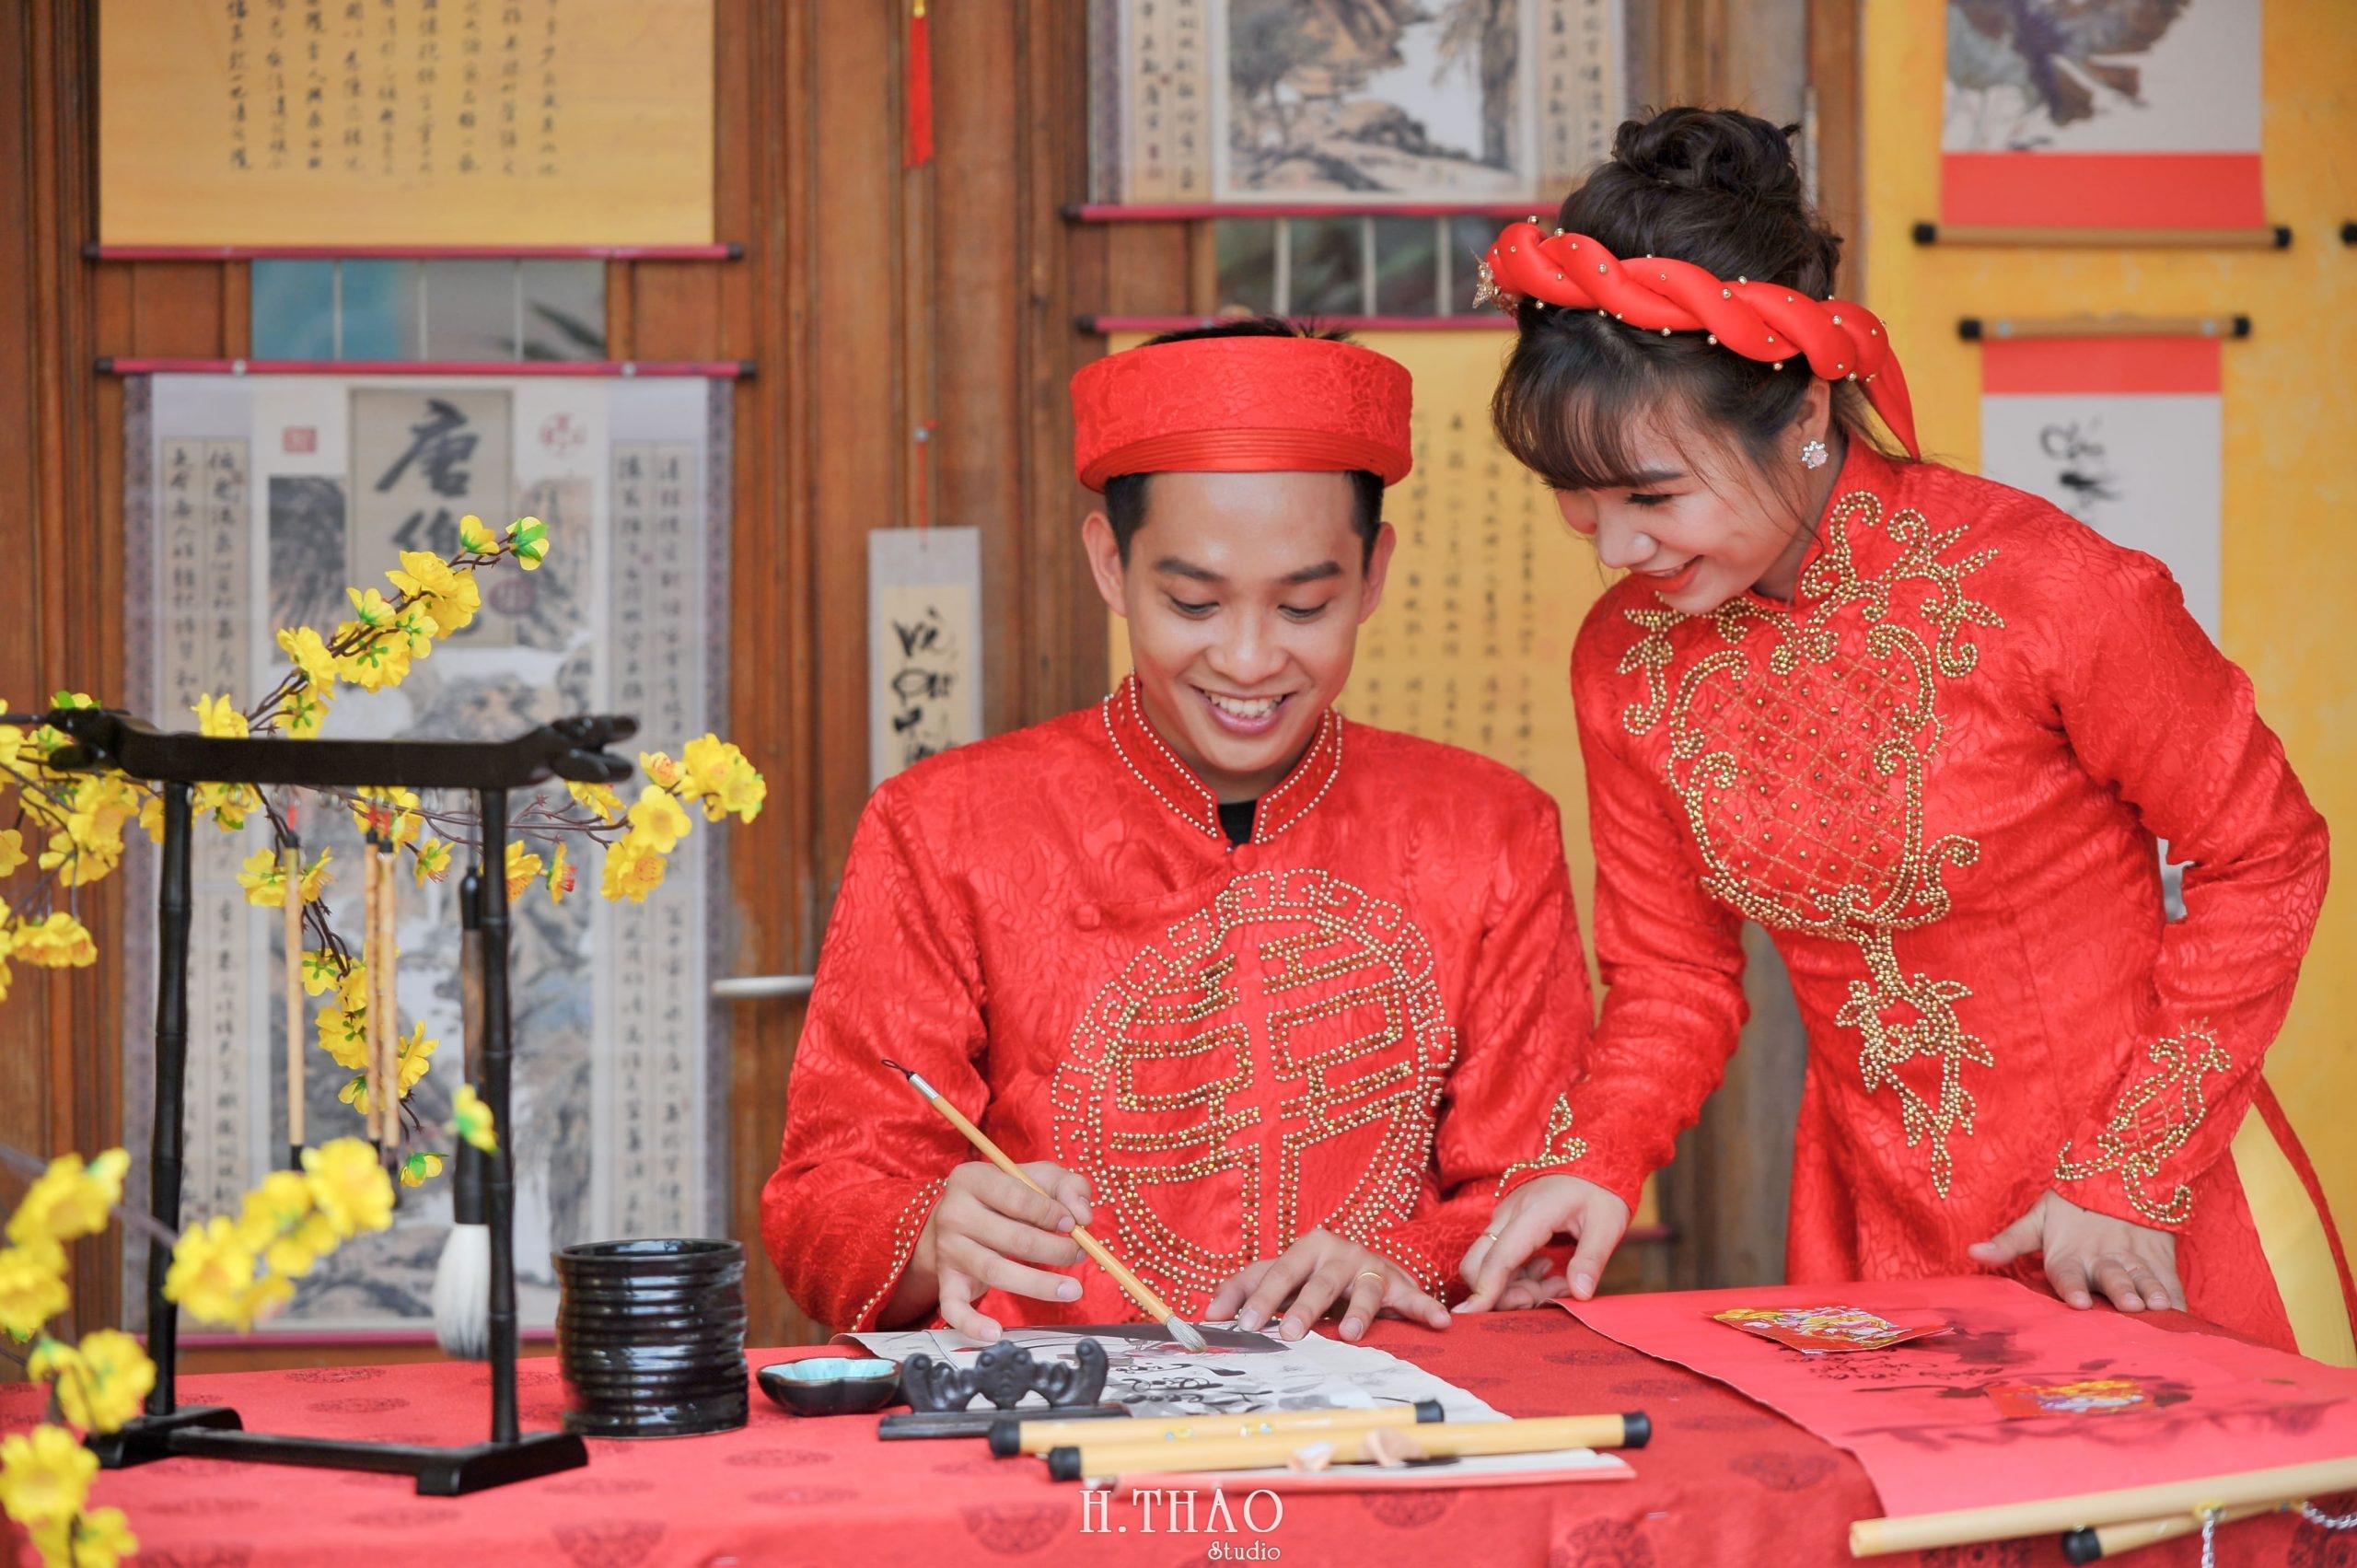 DSC 8636 min scaled - Album hình cưới chụp tại phim trường Alibaba đẹp tự nhiên